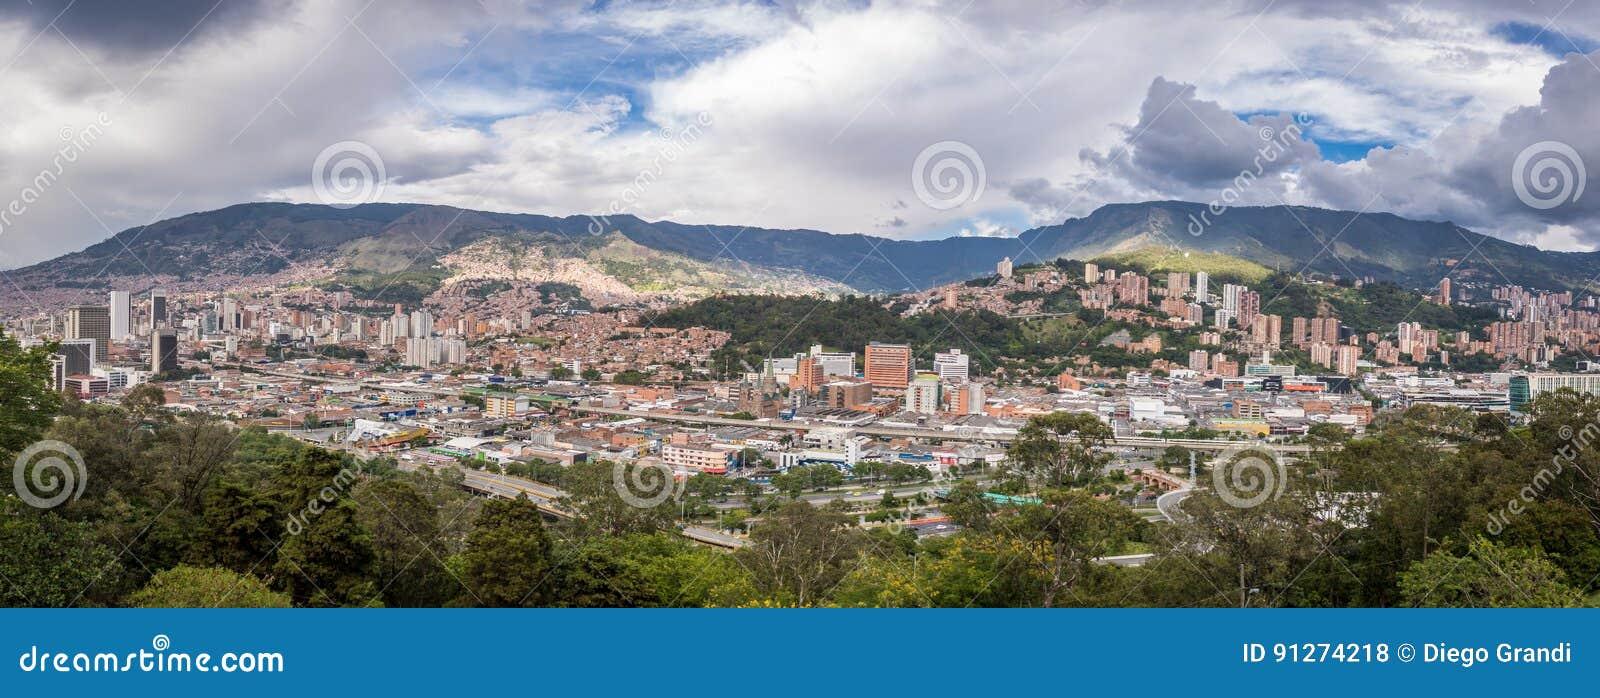 Panoramablick von Medellin, Kolumbien